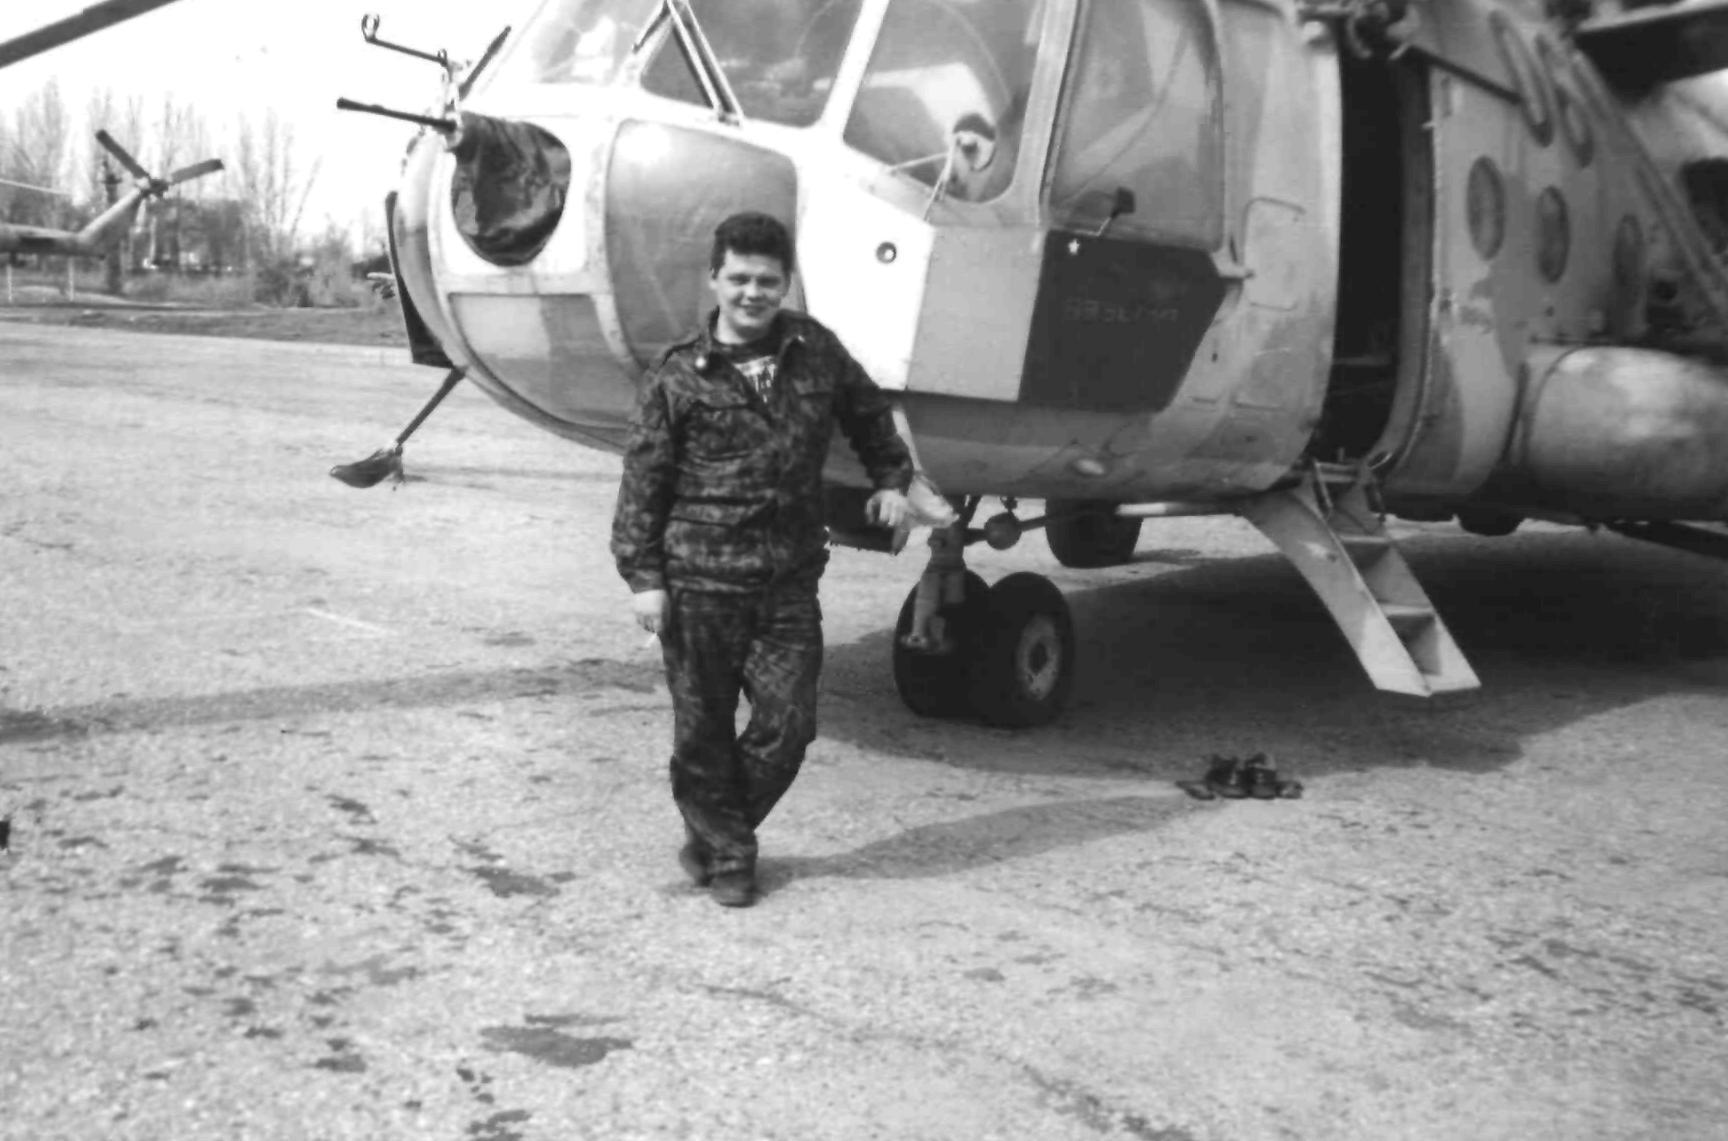 Автор у вертолета Ми-8МТВ №06, бронеплита окрашена цветами Российского флага